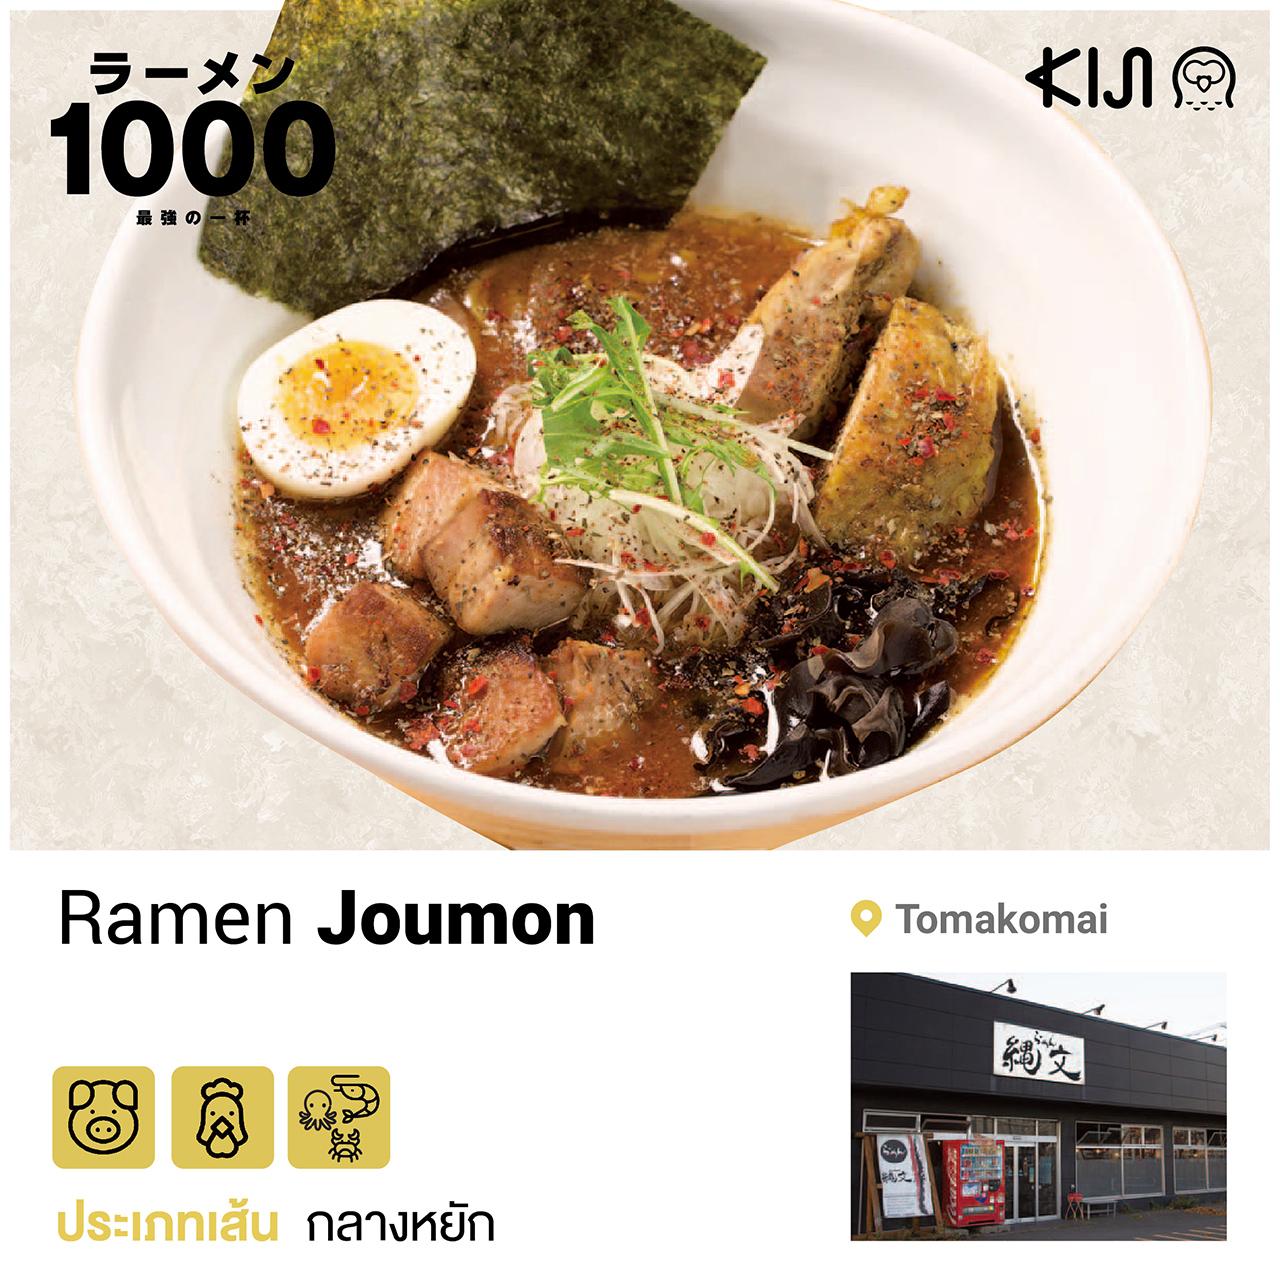 ร้านราเมนในฮอกไกโด - Ramen Joumon